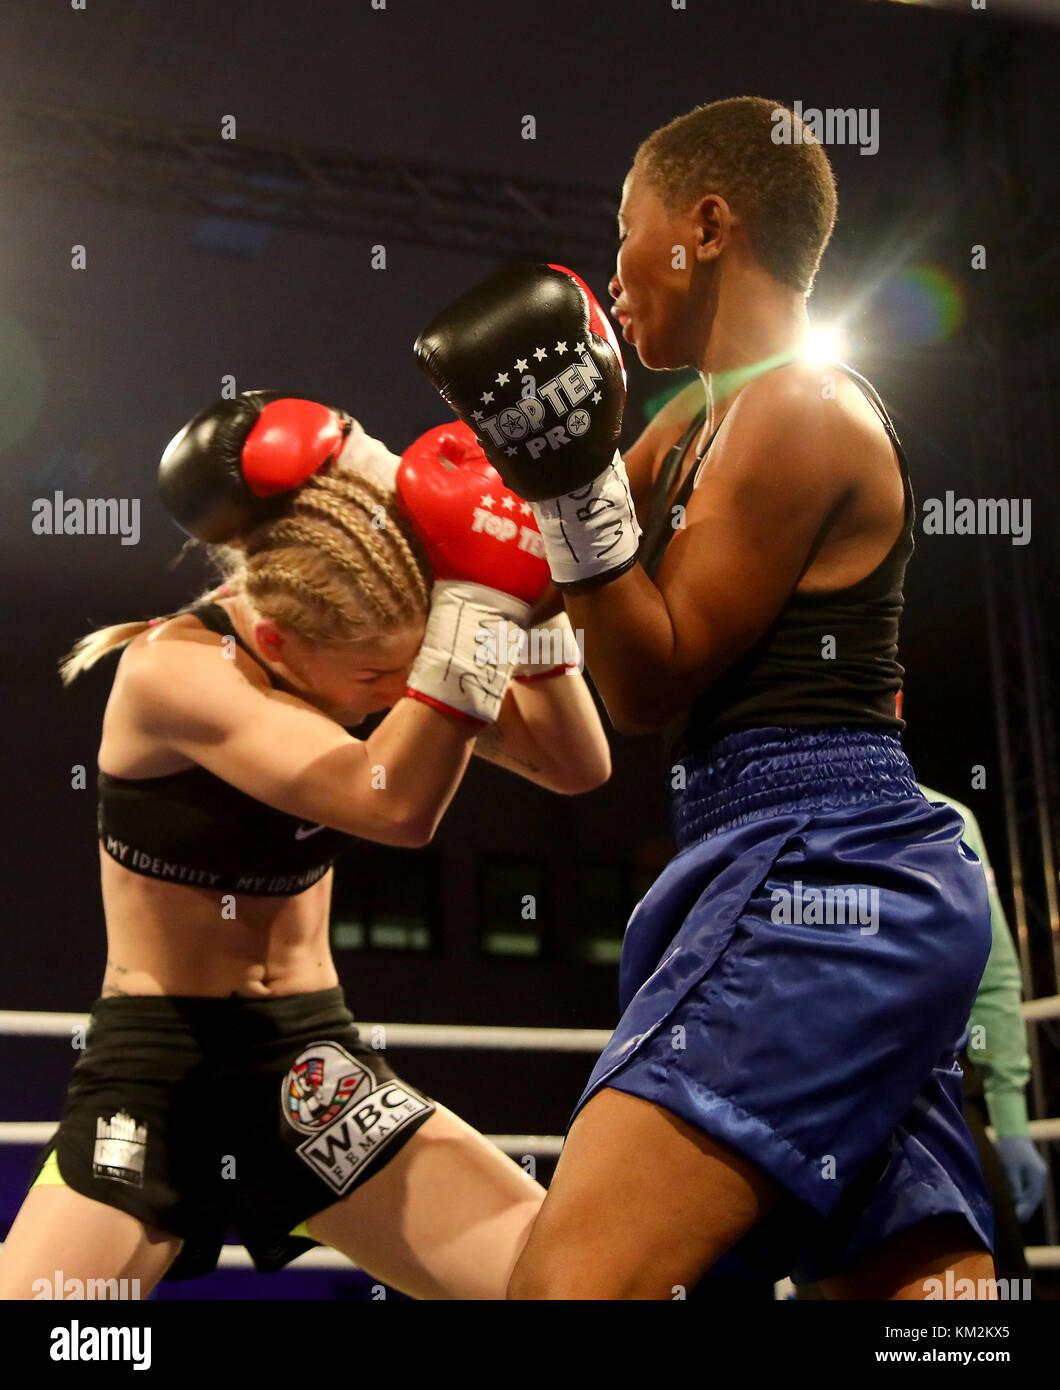 Usti Nad Labem, Czech Republic. 02nd Dec, 2017. Czech boxer Fabiana Bytyqi (left) and Tanzanian boxer Fatuma Yazidu Stock Photo